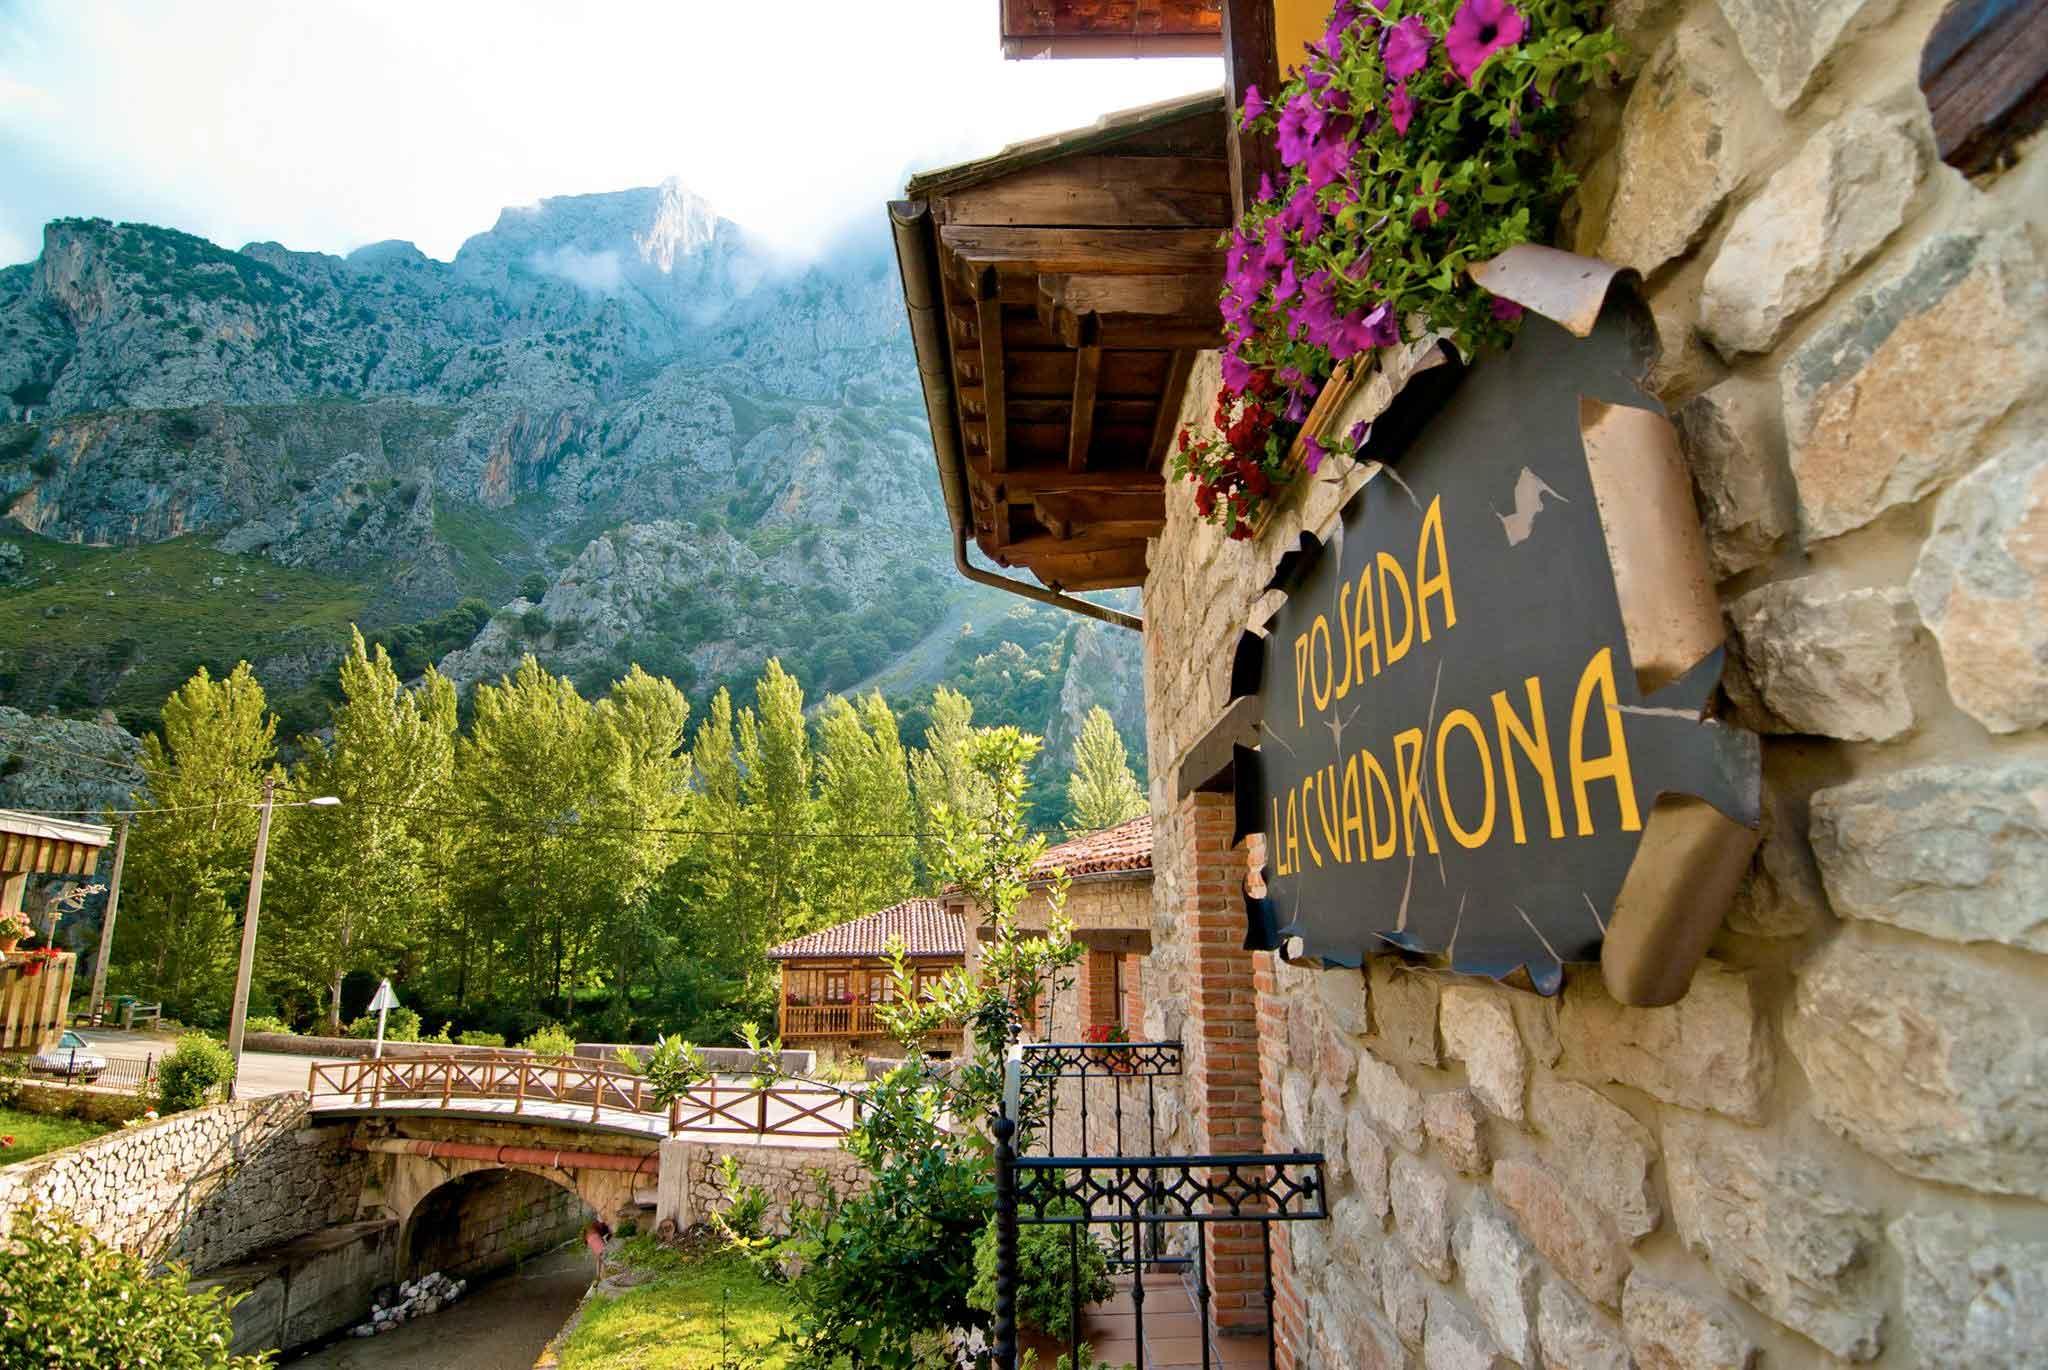 Contacto - Alojamiento en Picos de Europa - Posada La Cuadrona